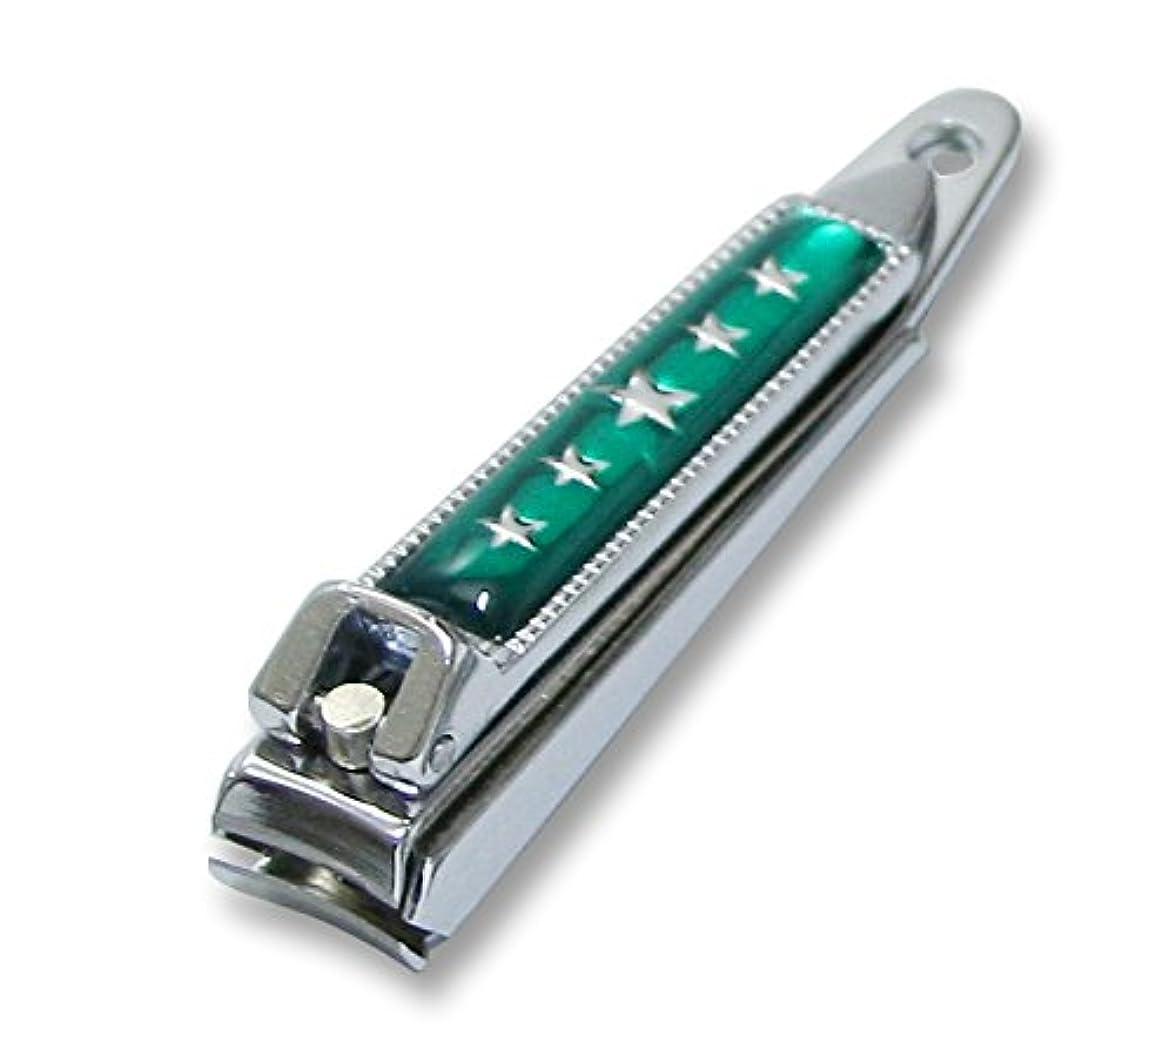 スカイ動作ハブKC-052GR 関の刃物 関兼常 チラーヌ爪切 小 緑